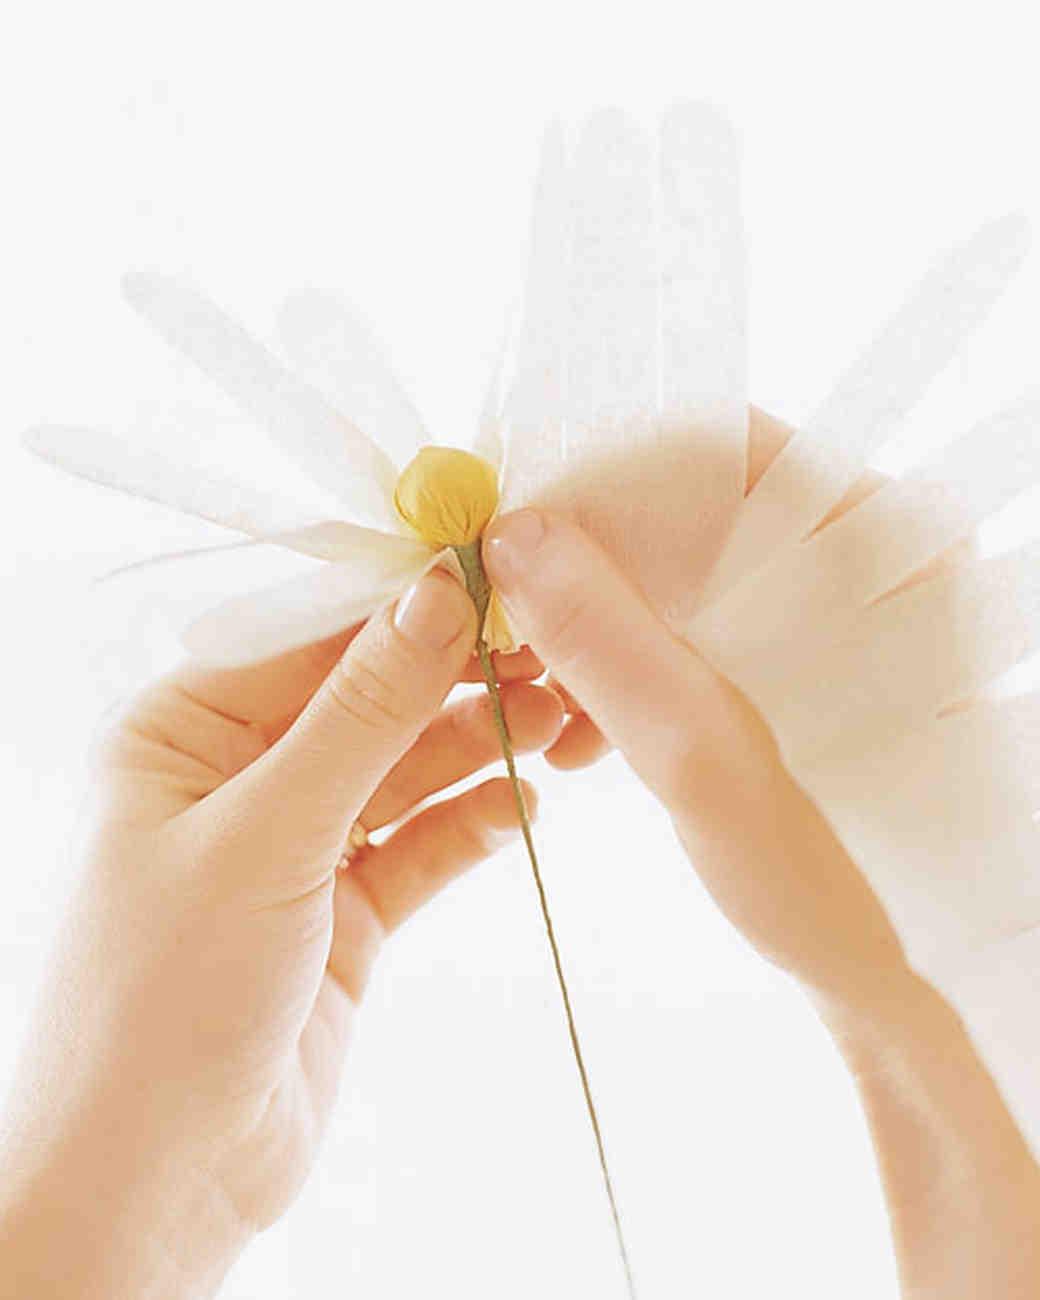 ml243_spr01_crepe_paper_flowers_ff4.jpg